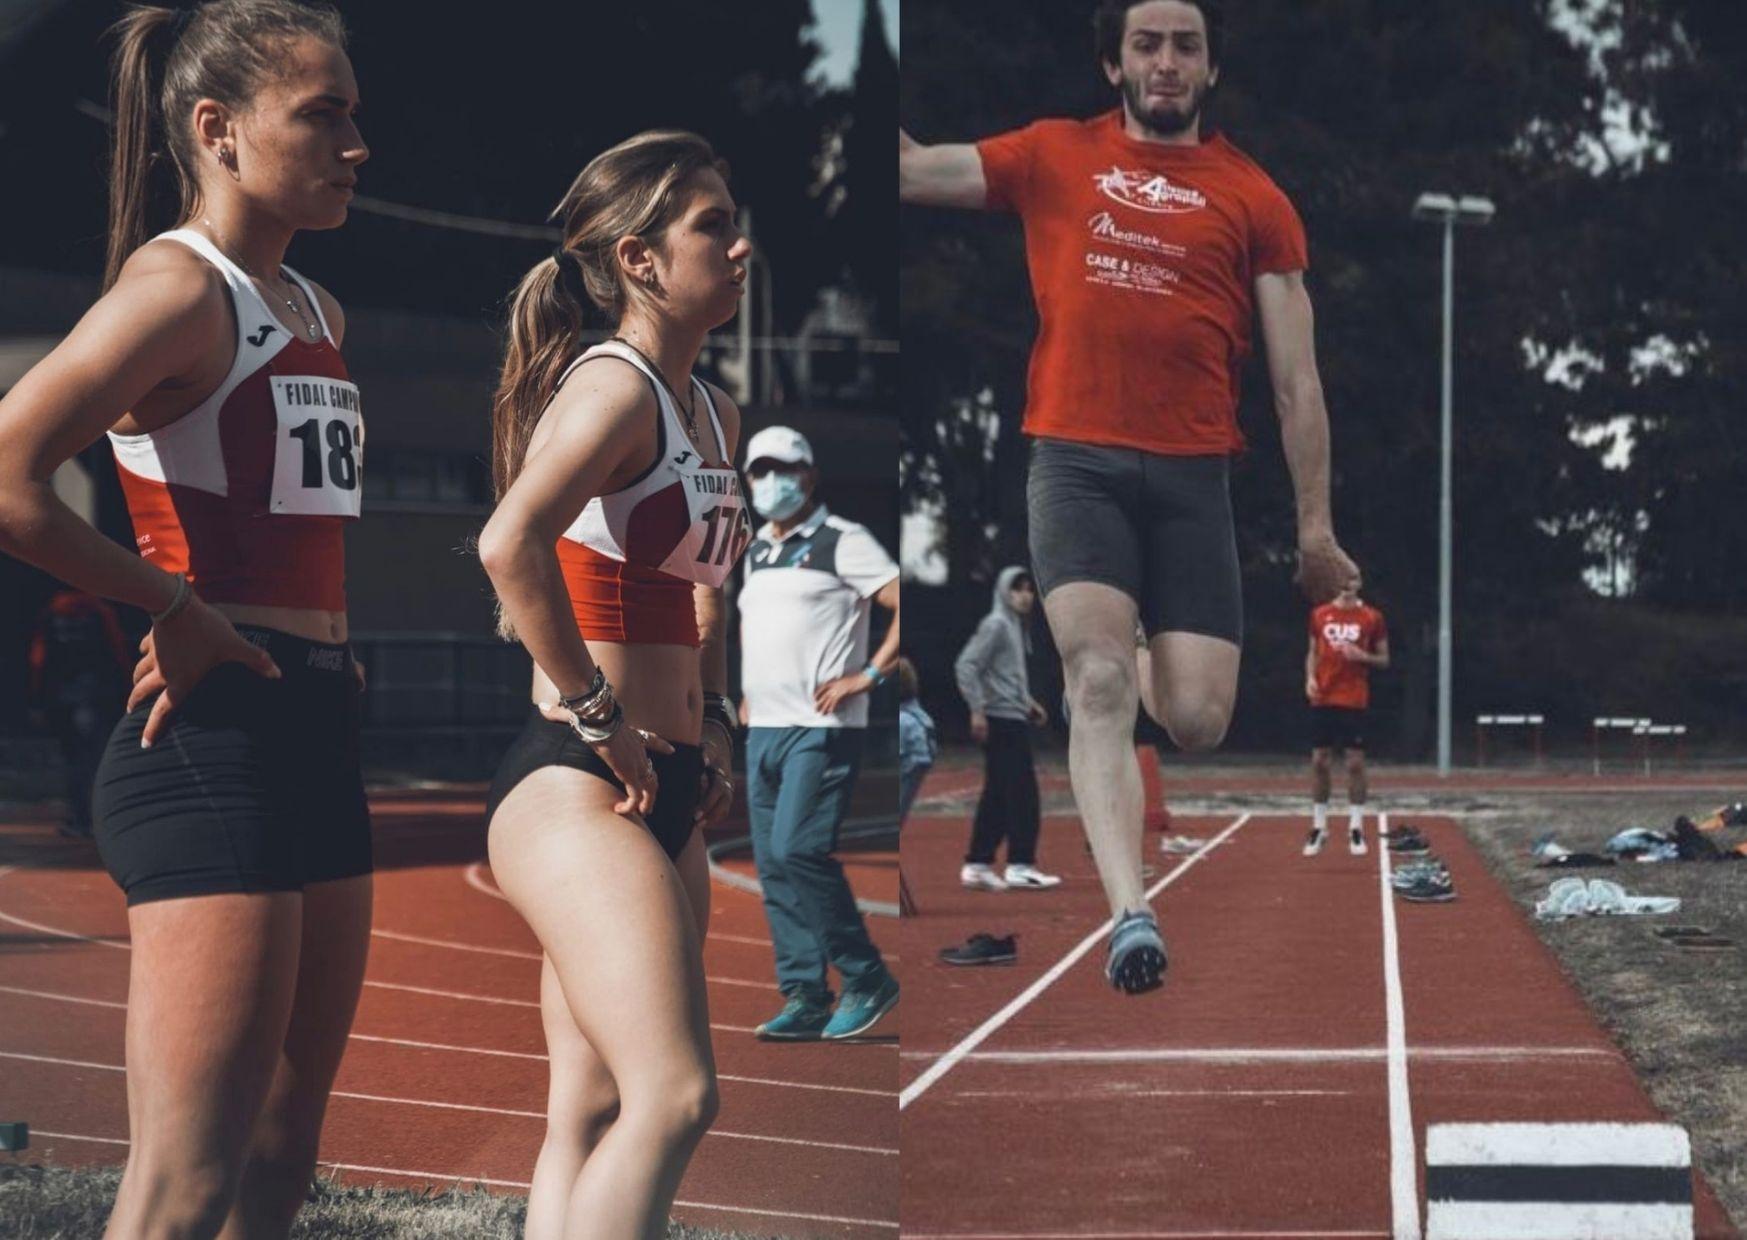 Atletica Agropoli tra le più premiate della Campania: oltre 20 medaglie al Campionato regionale